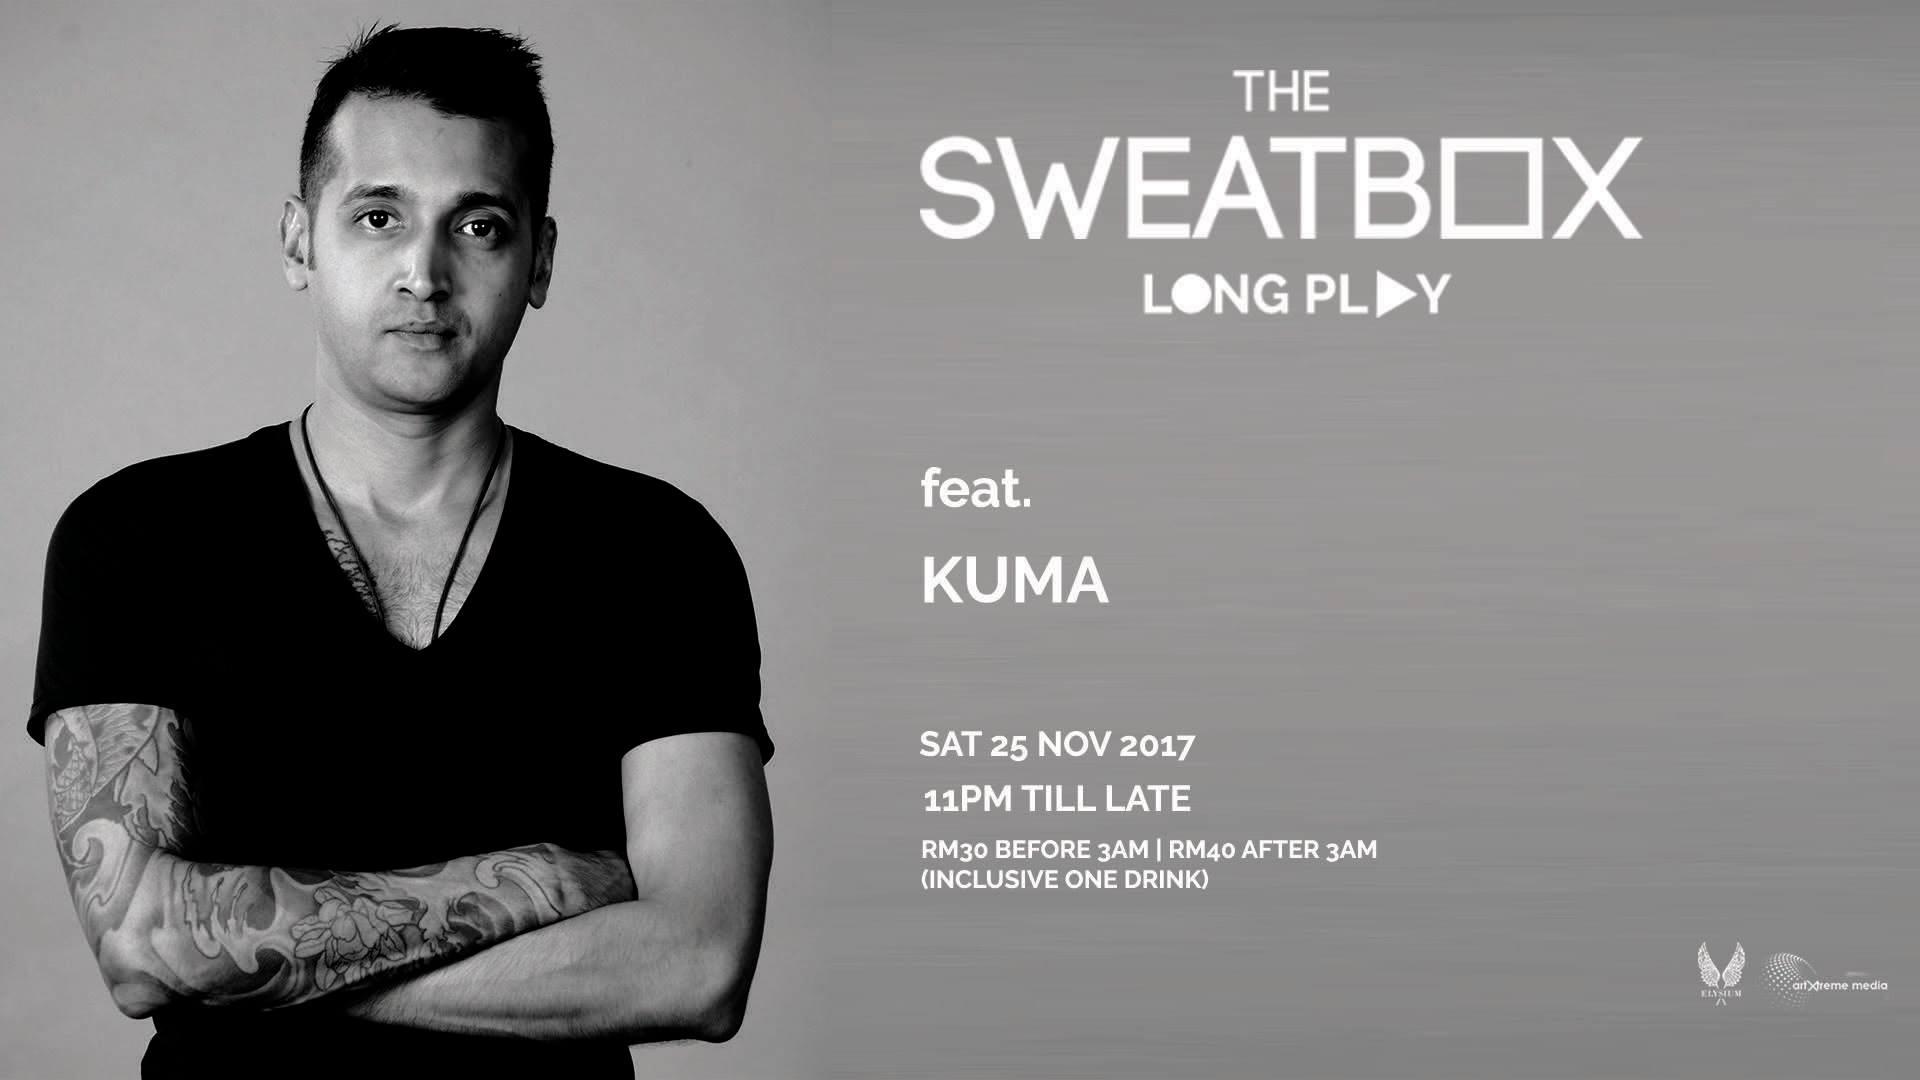 Sweatbox Long Play 10 featuring DJ Kuma at Elysium November 25